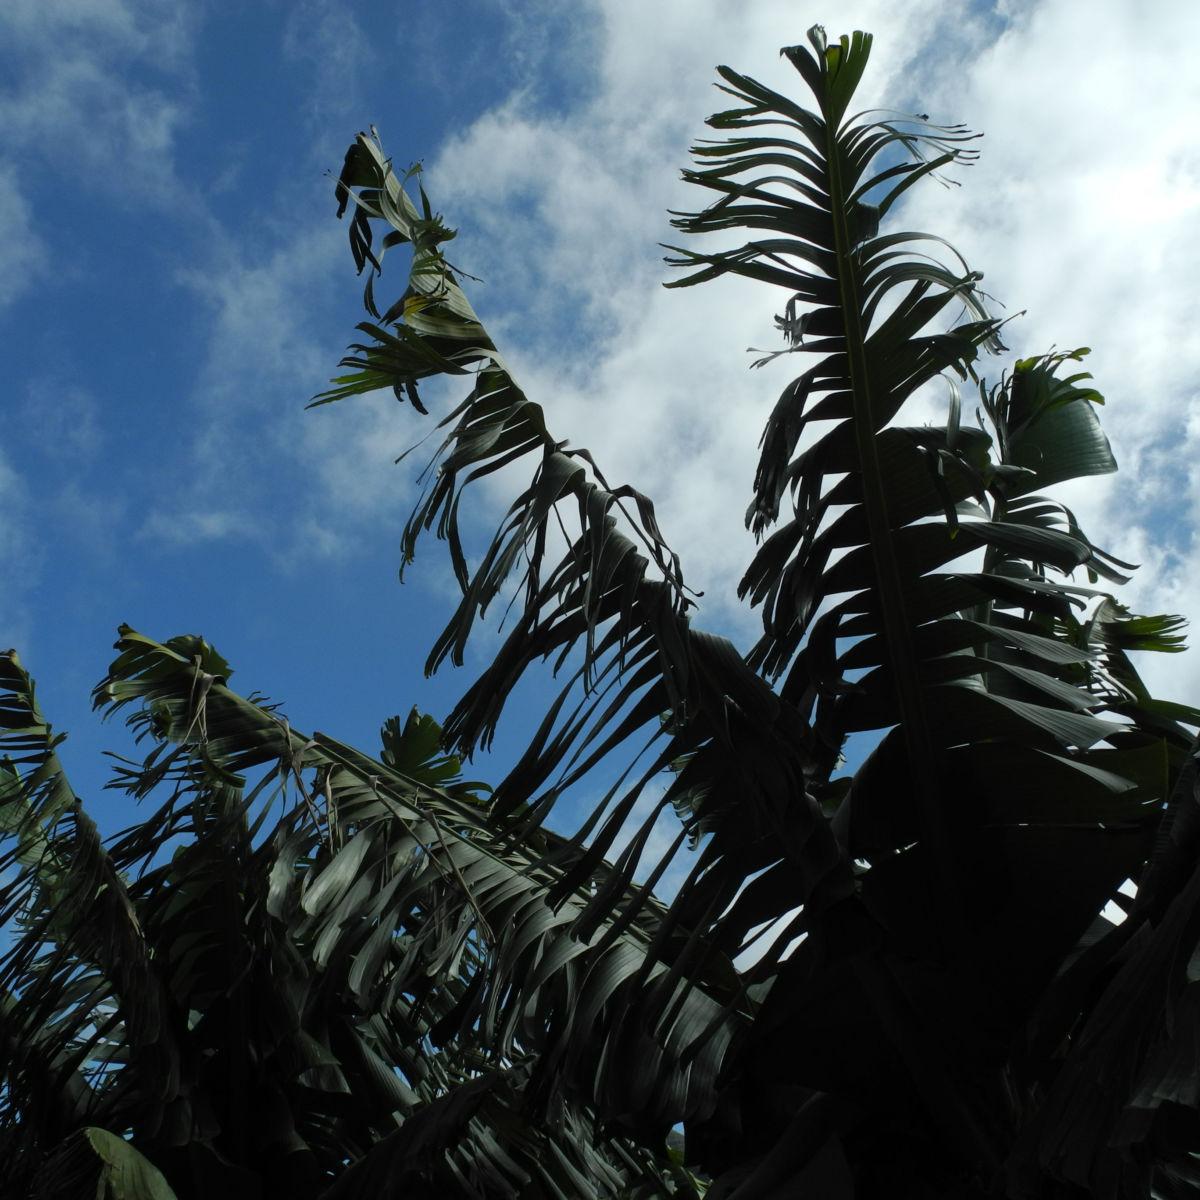 Banane Blatt Staengel gruen Musa acuminata